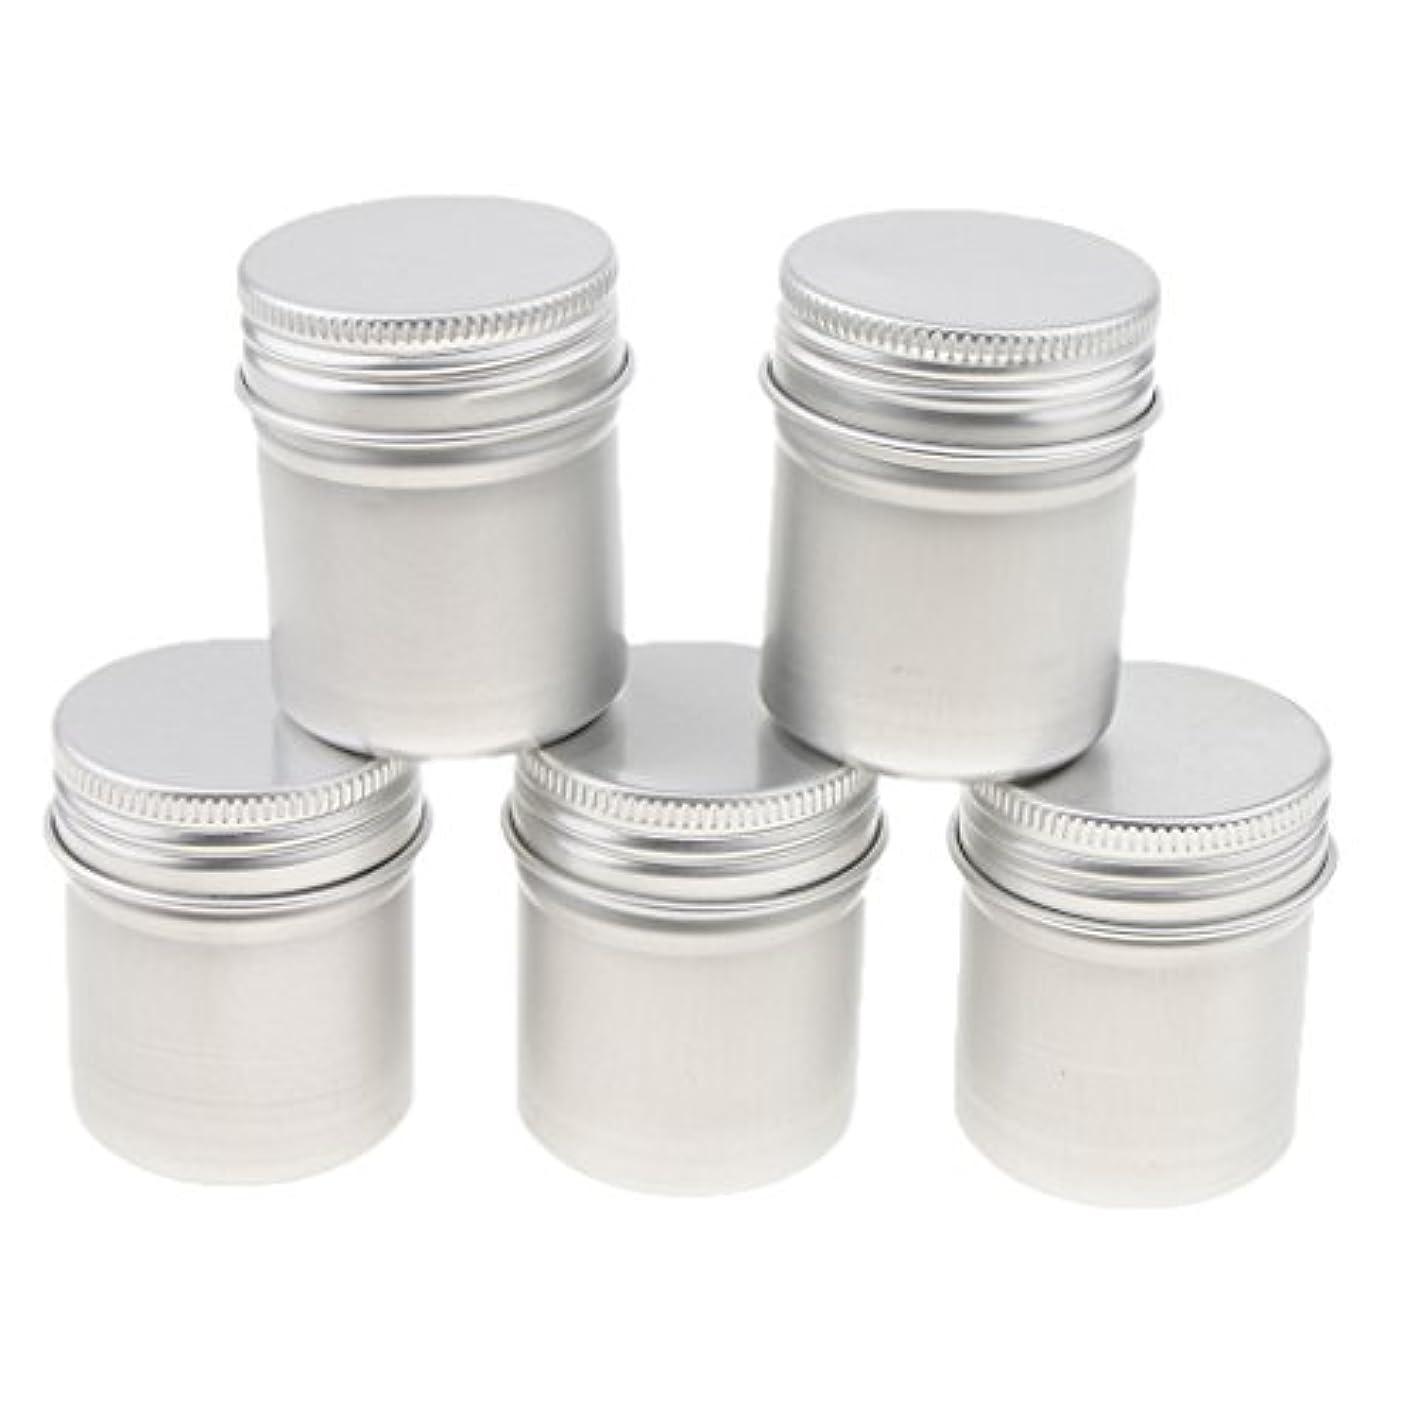 ショート独特の管理者Perfeclan 5個 アルミ缶 アルミニウム 缶 ポット スクリュー蓋 クリーム お茶 パウダー ワックスジャー 容器